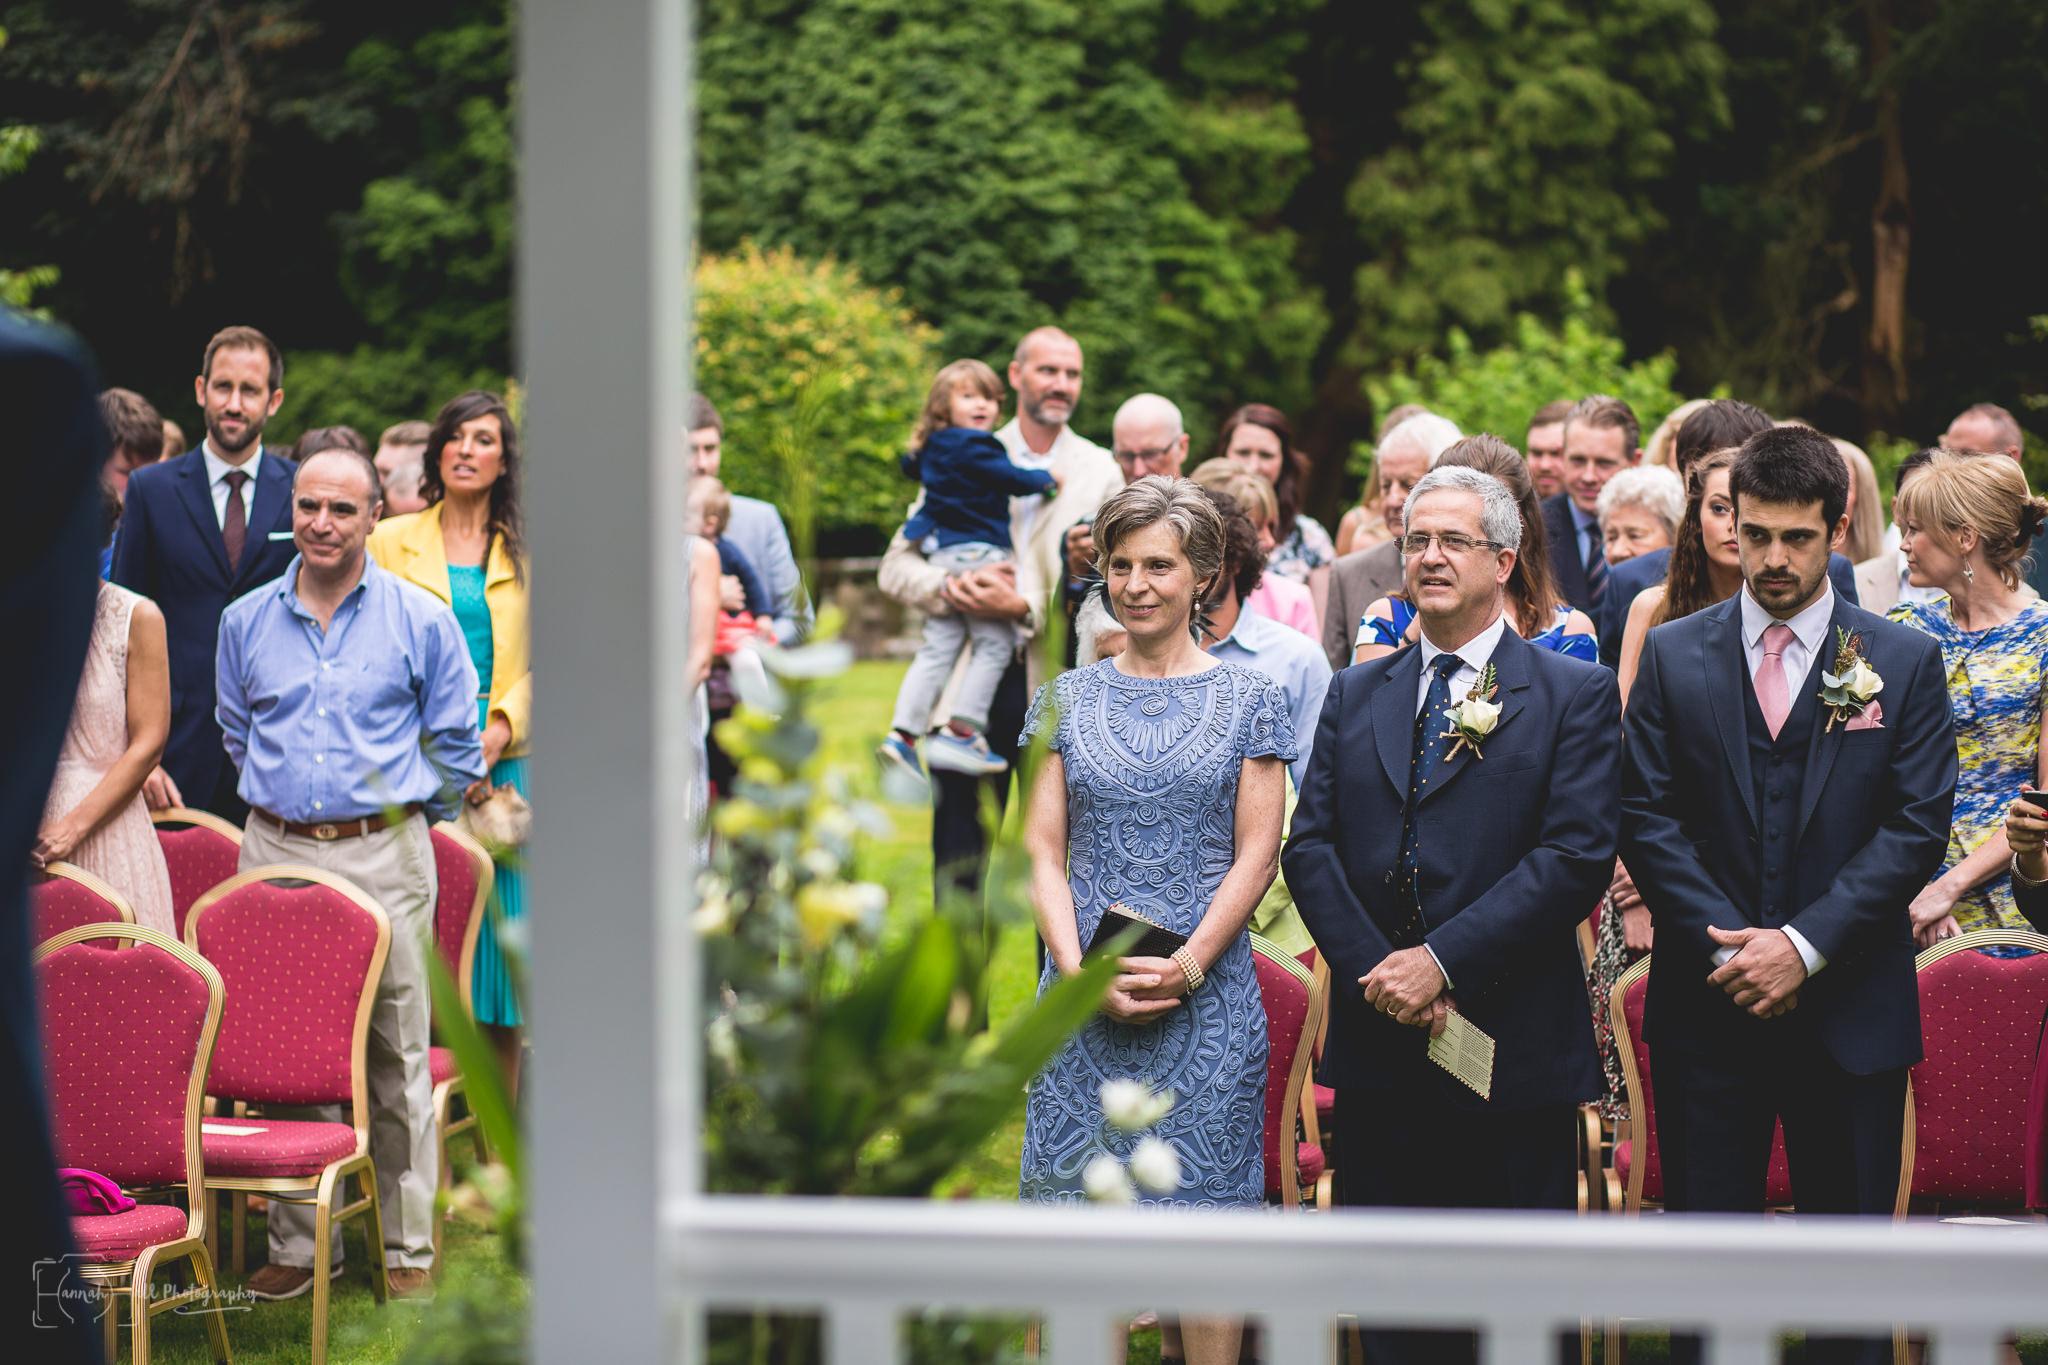 hhp-back-garden-wedding-26